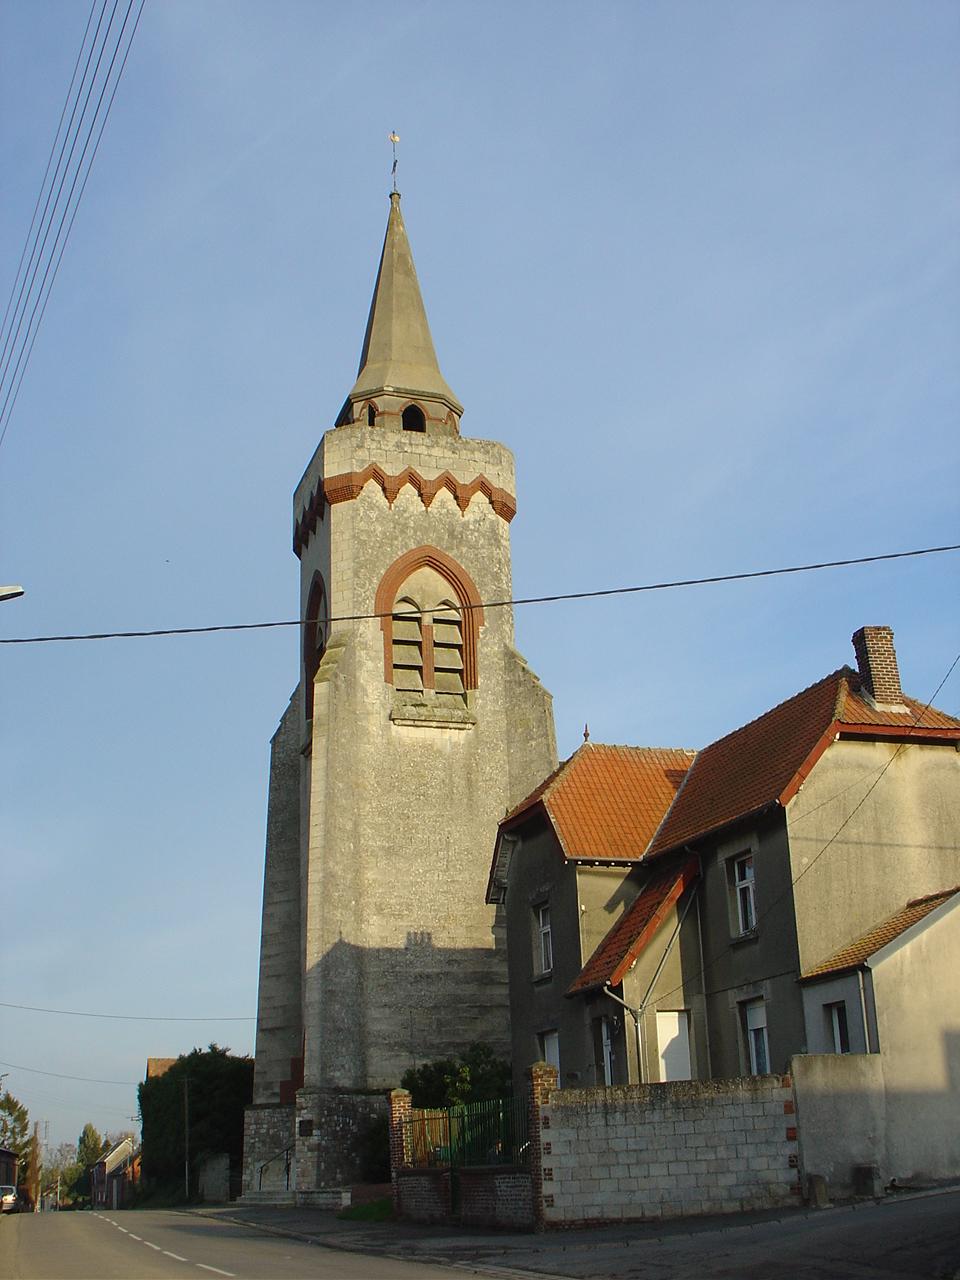 Fontaine-lès-Croisilles